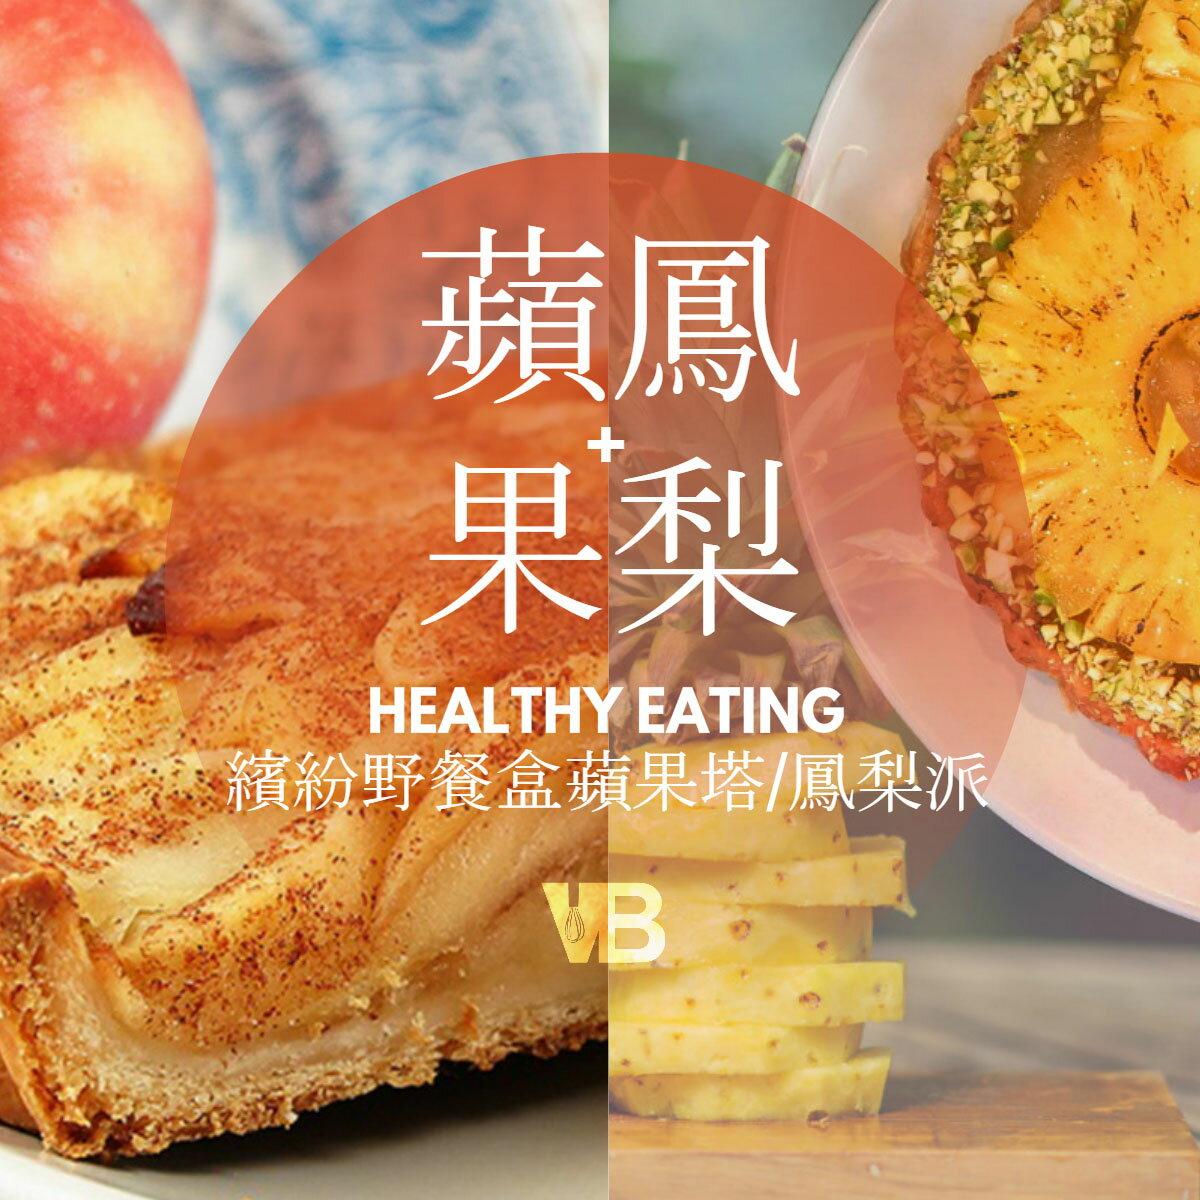 肉桂蘋果塔6吋+鳳梨派6吋